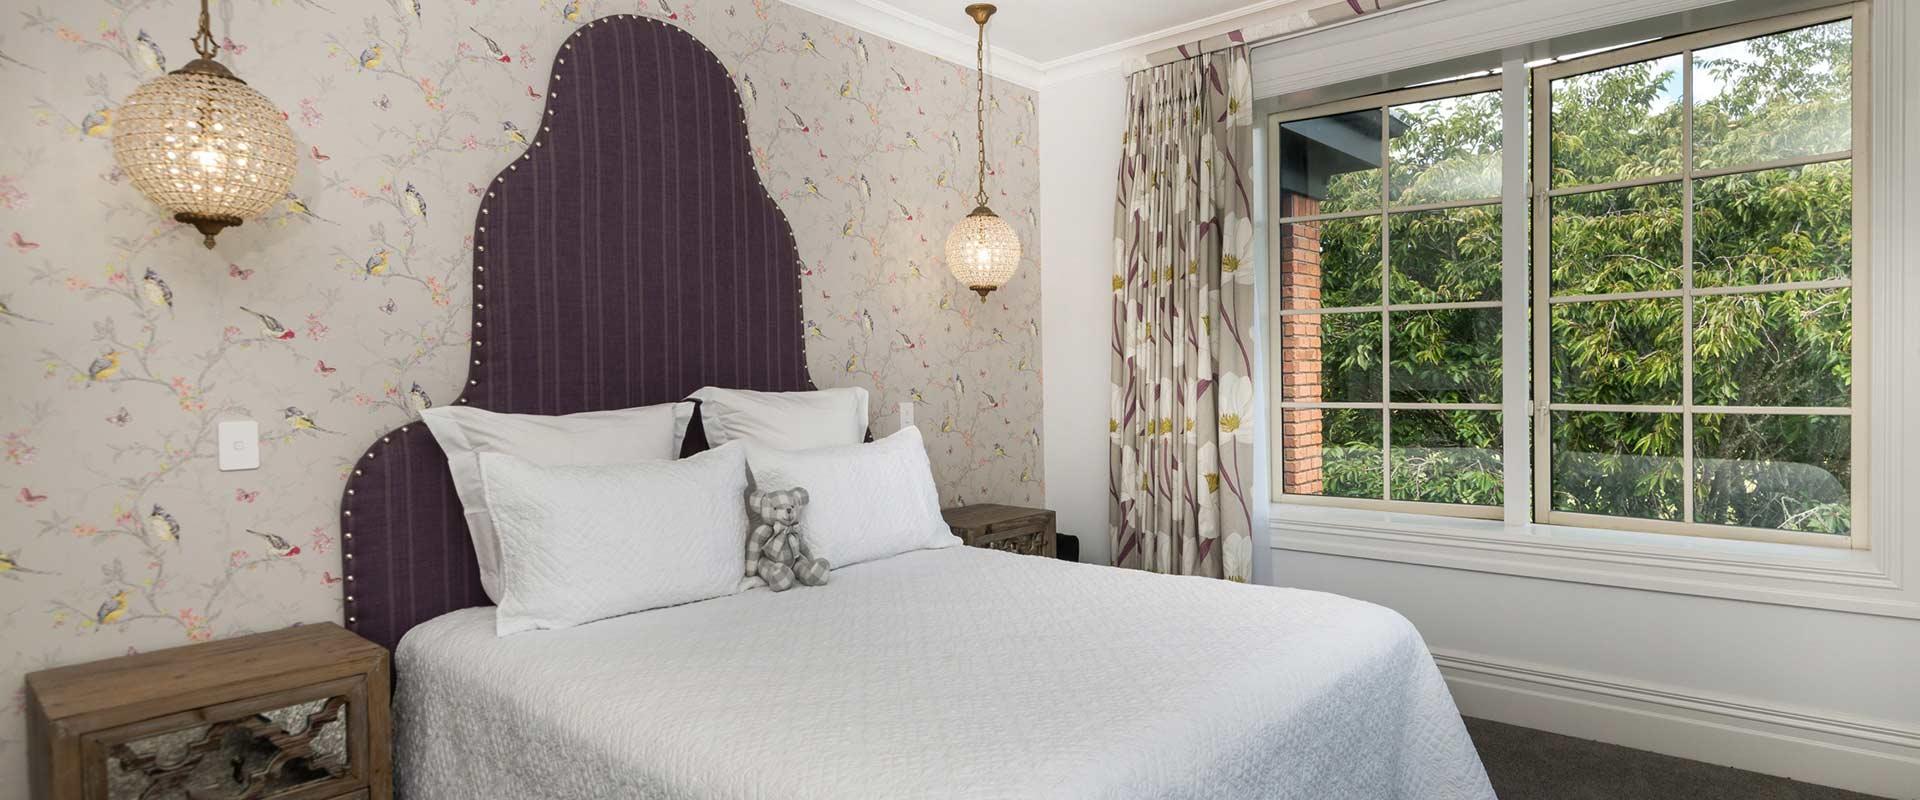 the-henley-grand-room-4.jpg